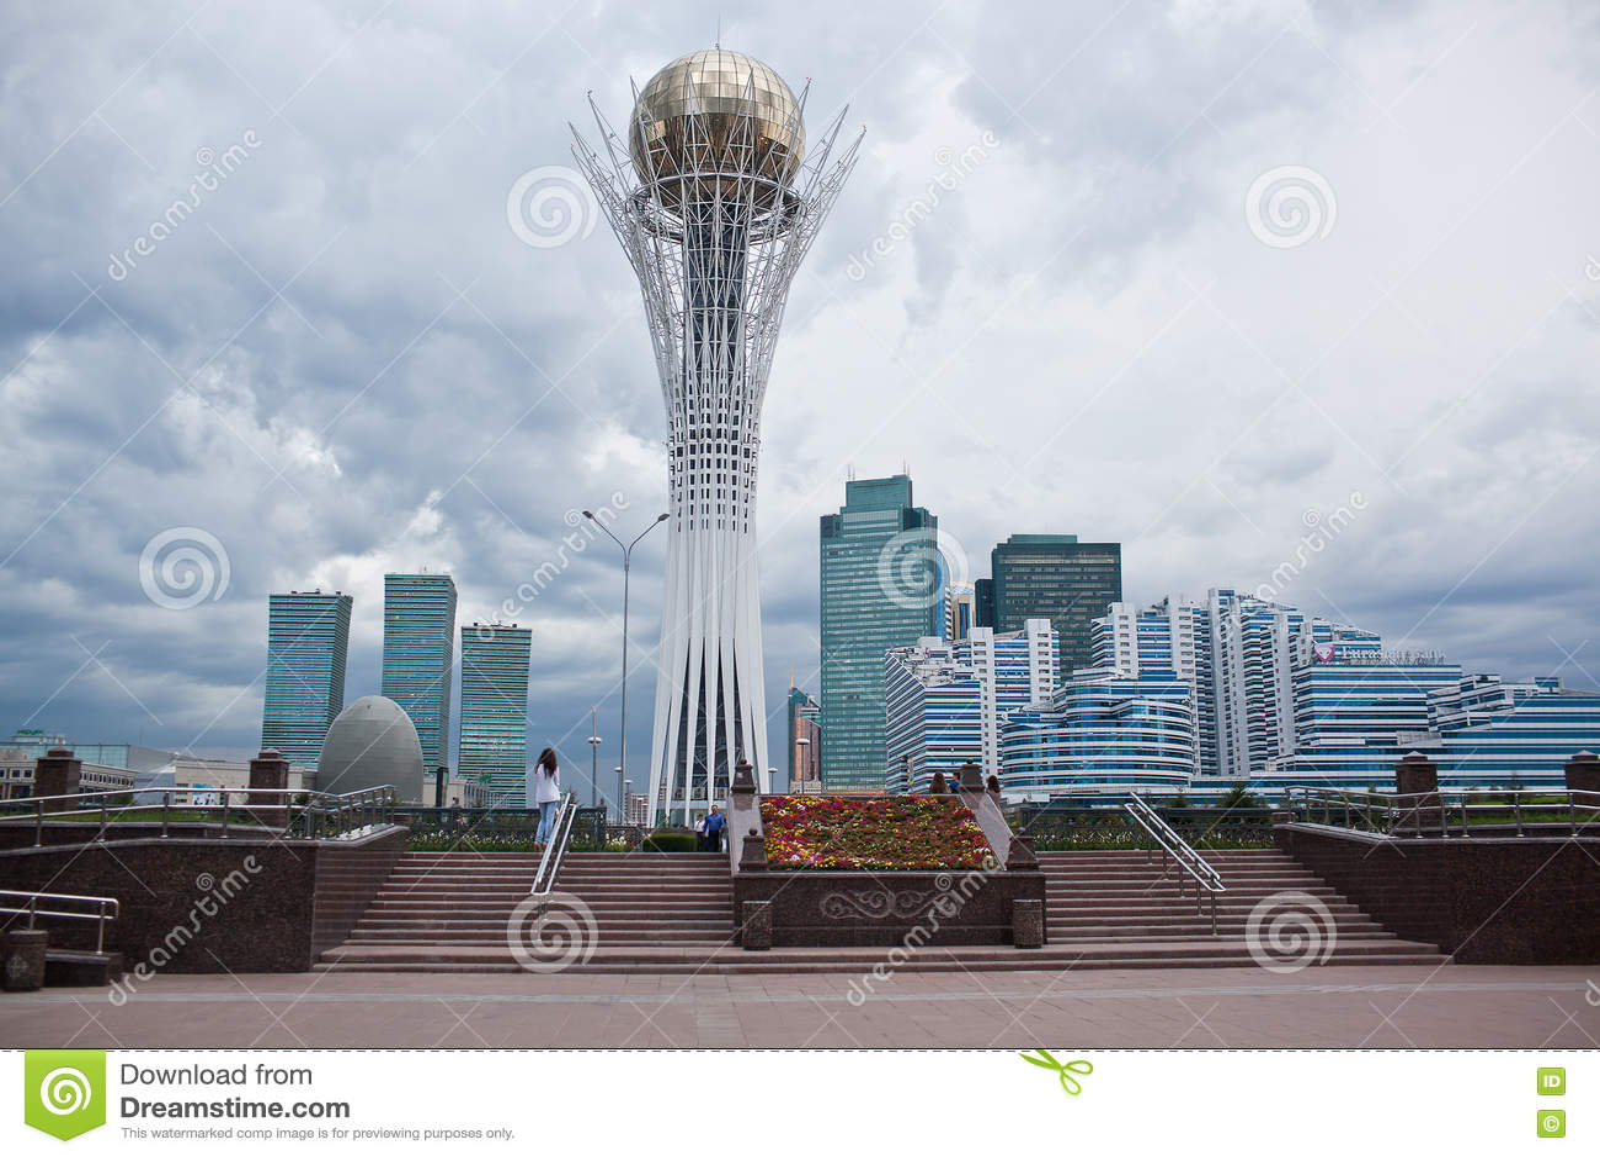 Baiterek - A Monument In The Capital Of Kazakhstan, Astana ...